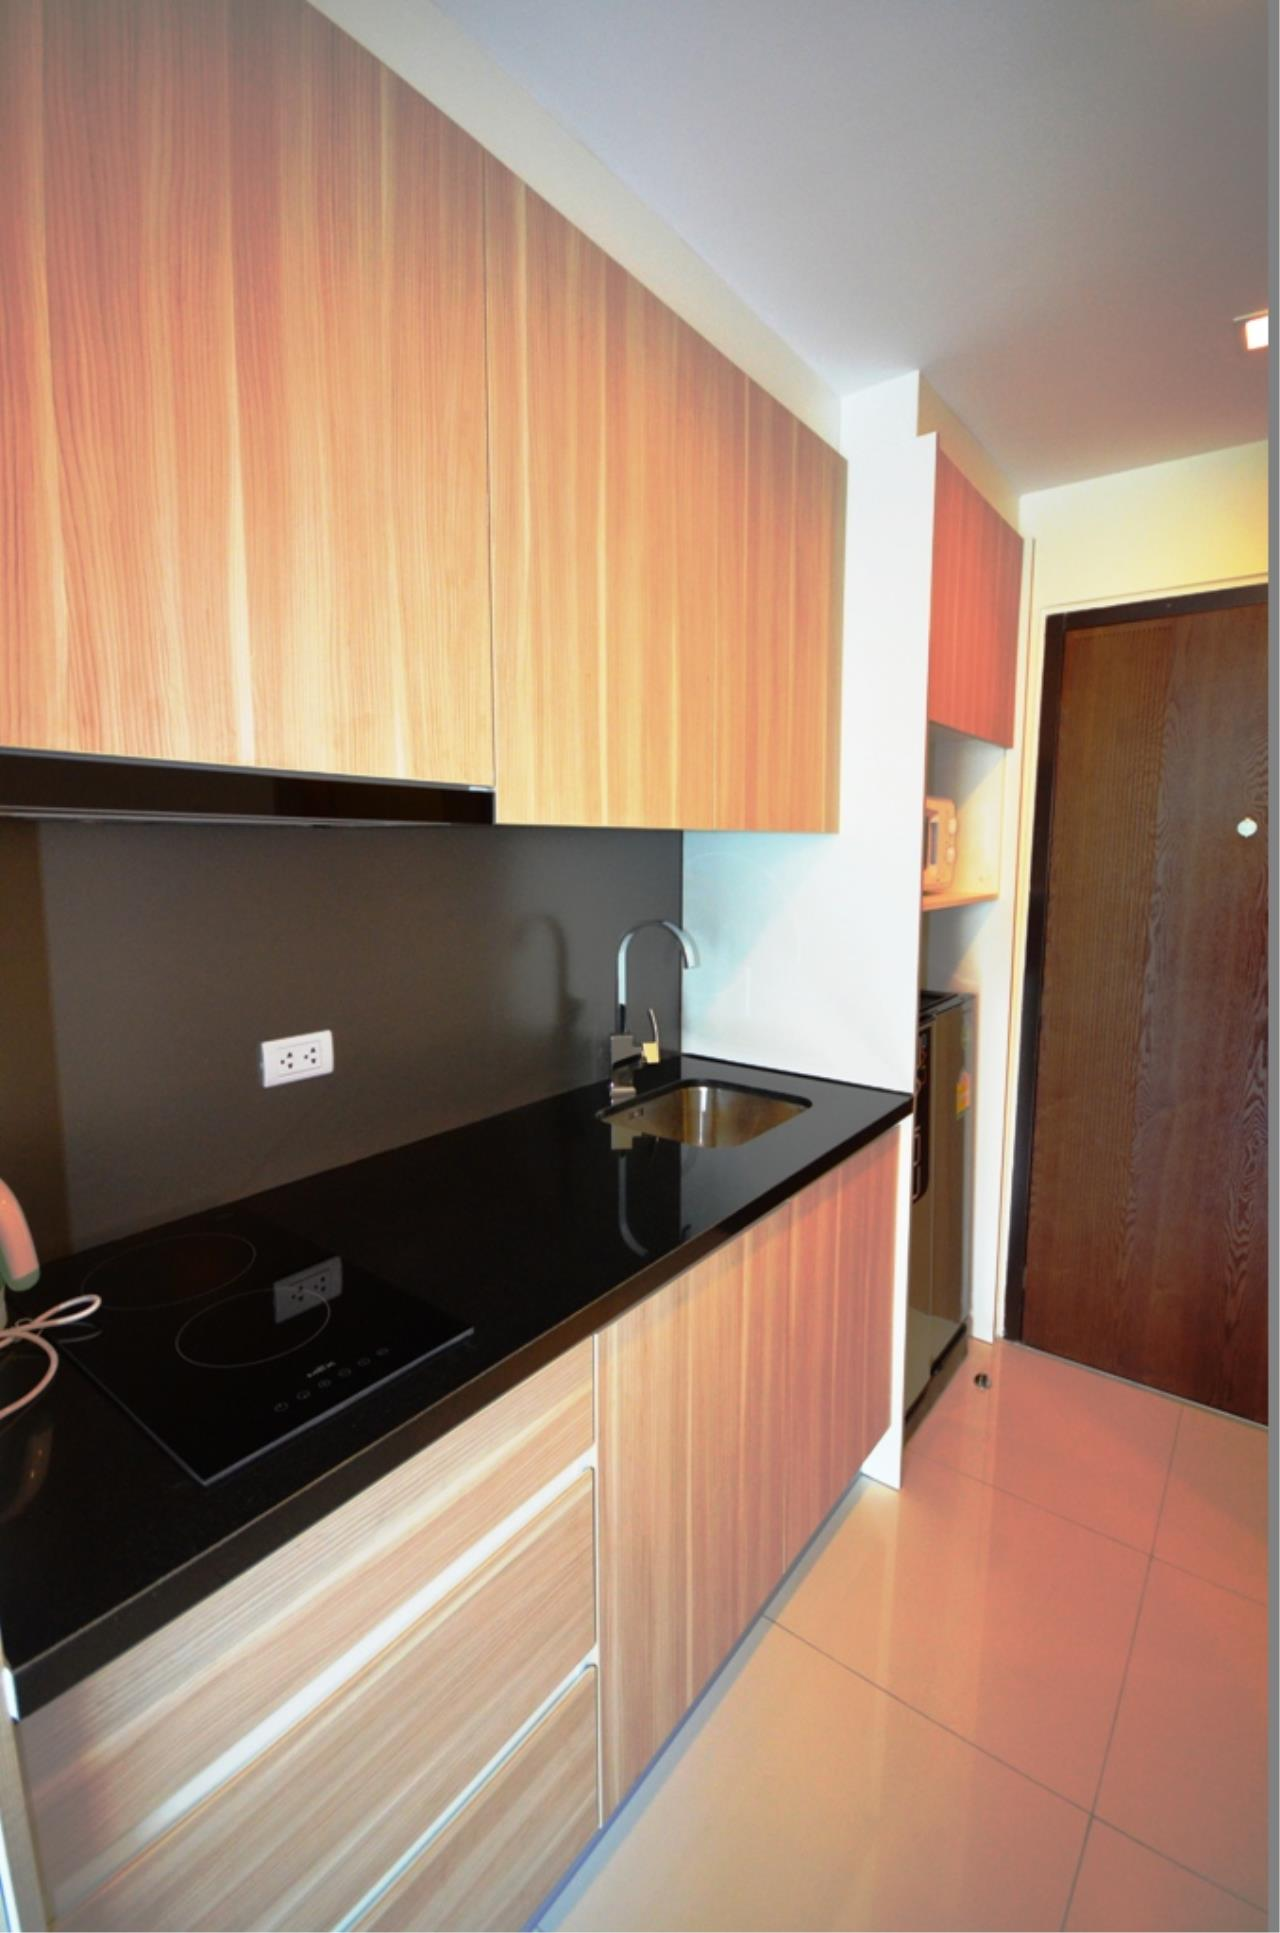 Real Estate in Pattaya Agency's Studio - Laguna Bay 8